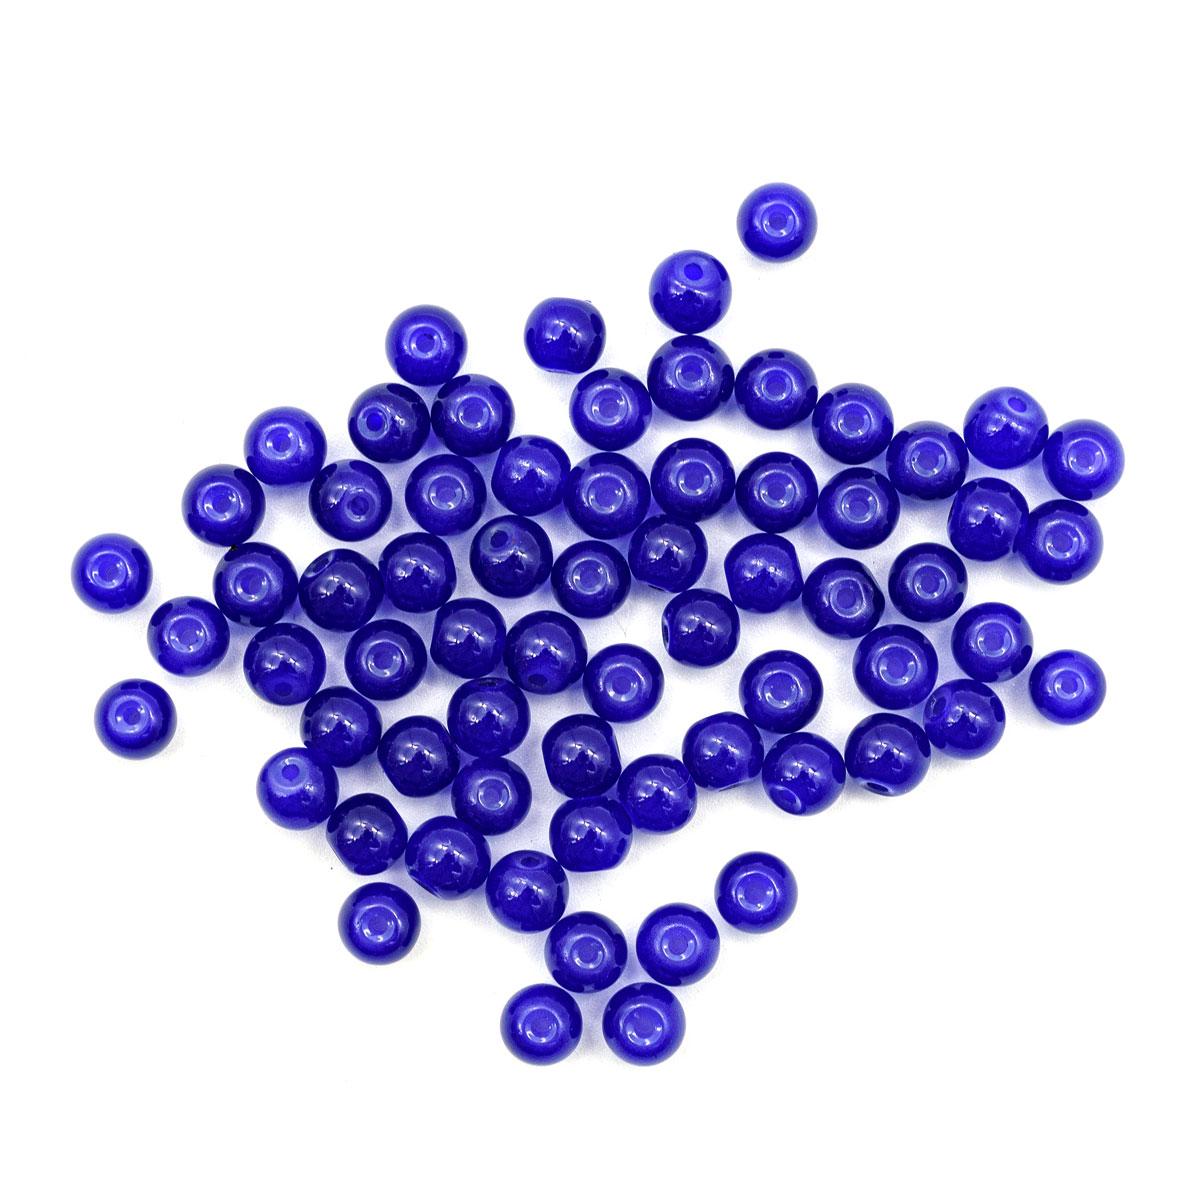 4AR350 Бусины стеклянные Candy 6мм, 65(+/-5)шт/упак, Астра